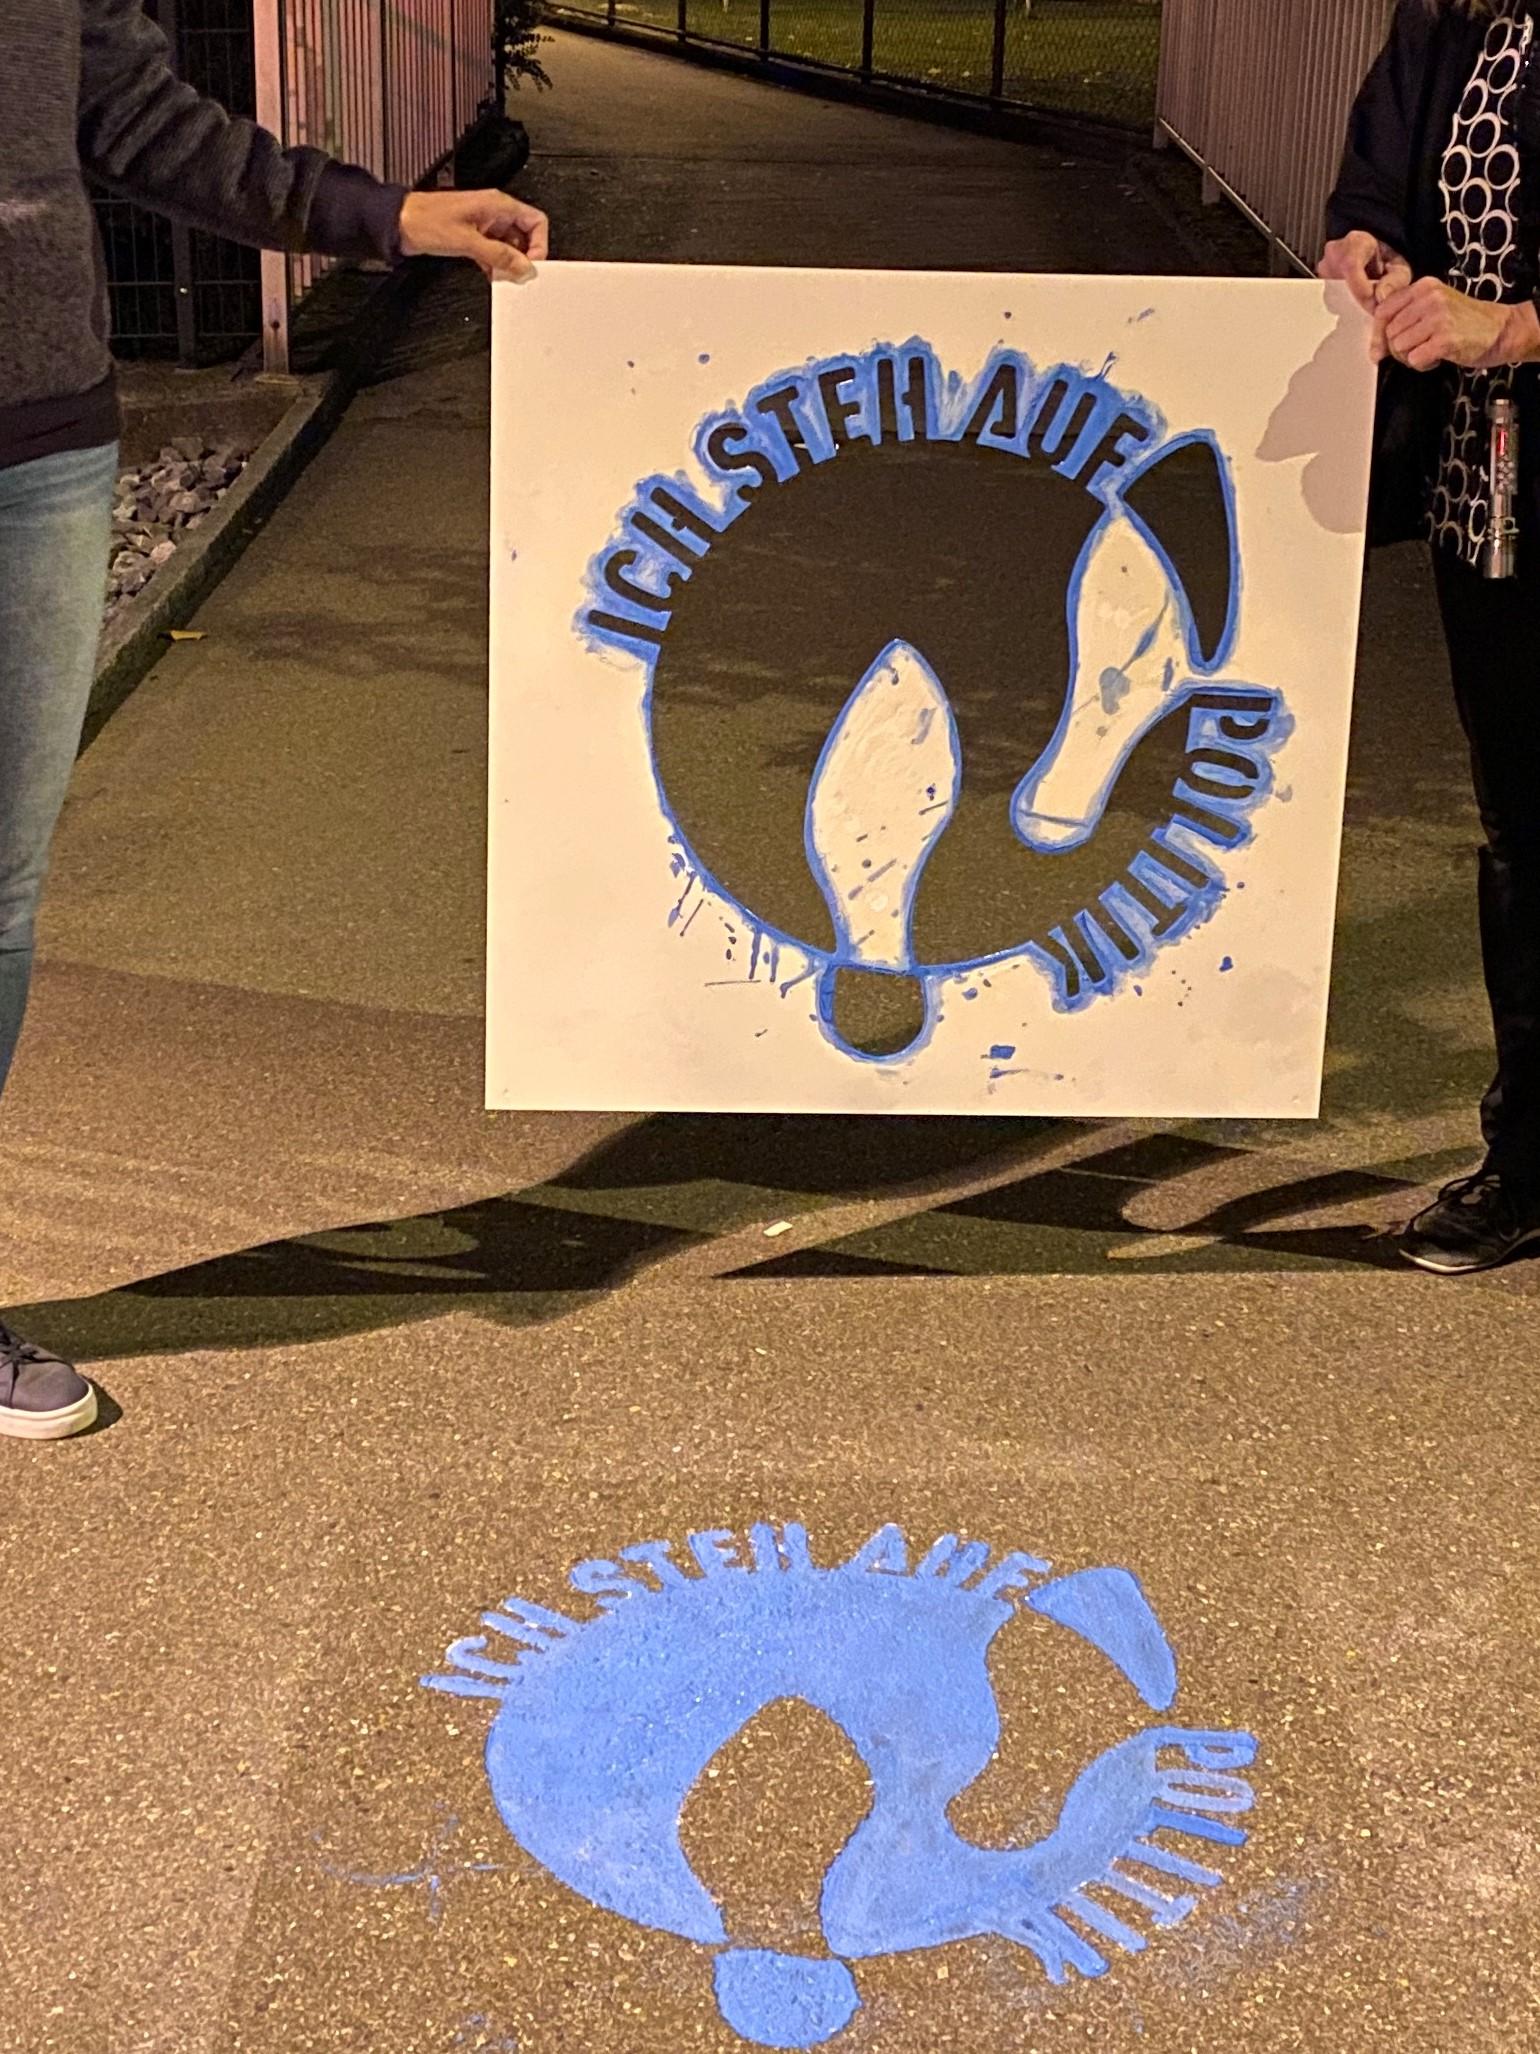 """Auf dem Boden ist das Logo """"Ich steh auf Politik"""" zu sehen. Darüber halten zwei Hände die Schablone."""